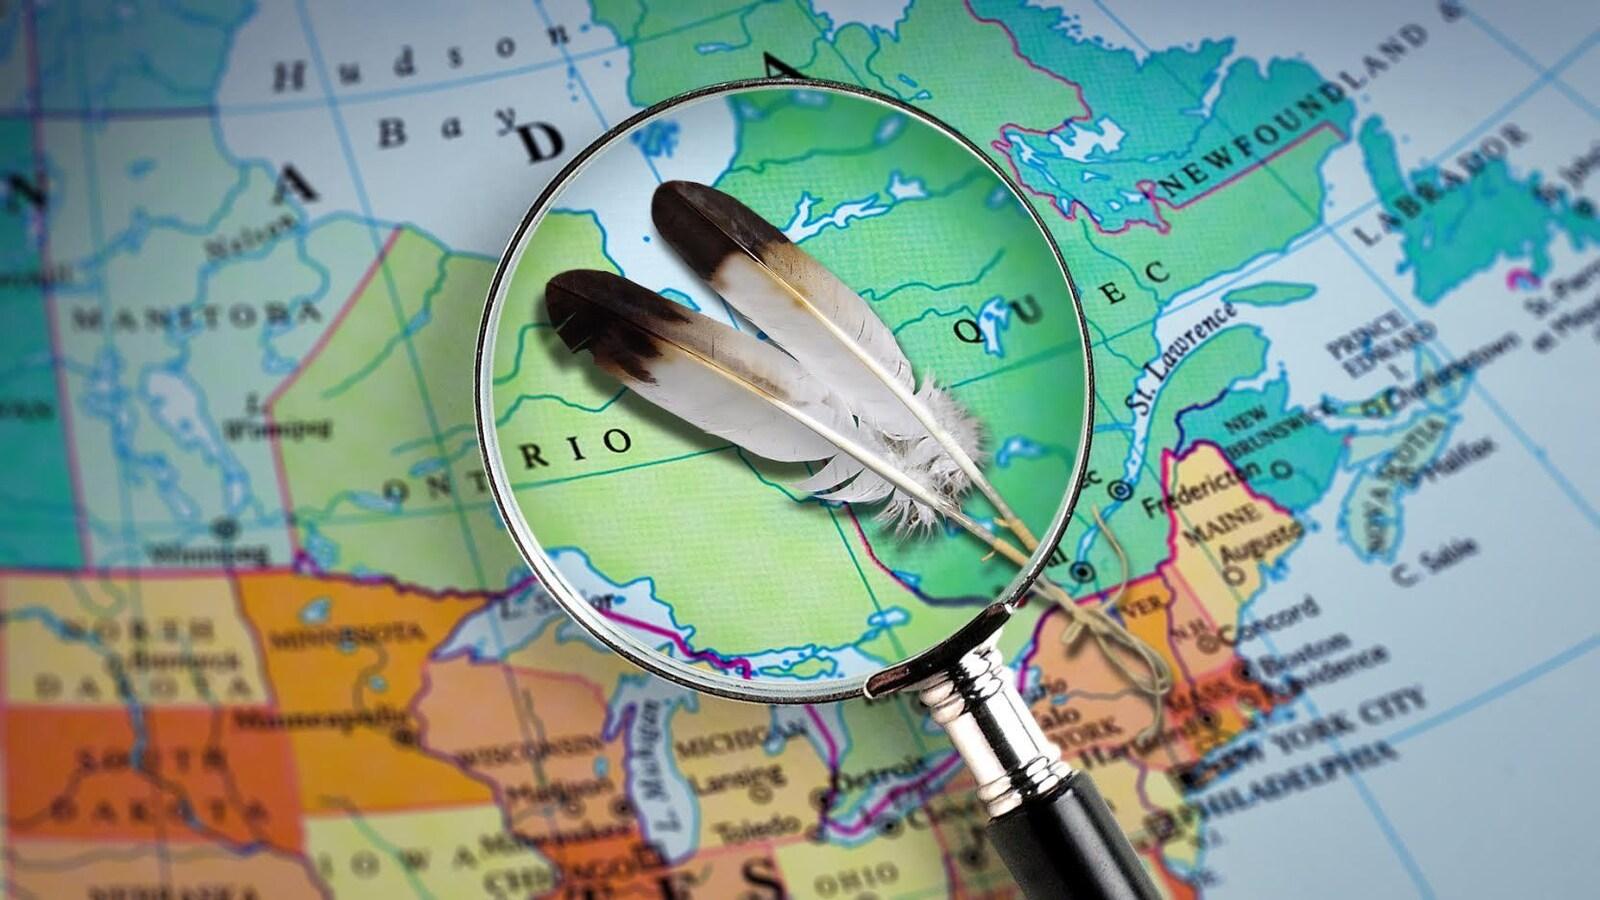 Des plumes vues à travers une loupe sur la carte du Canada.